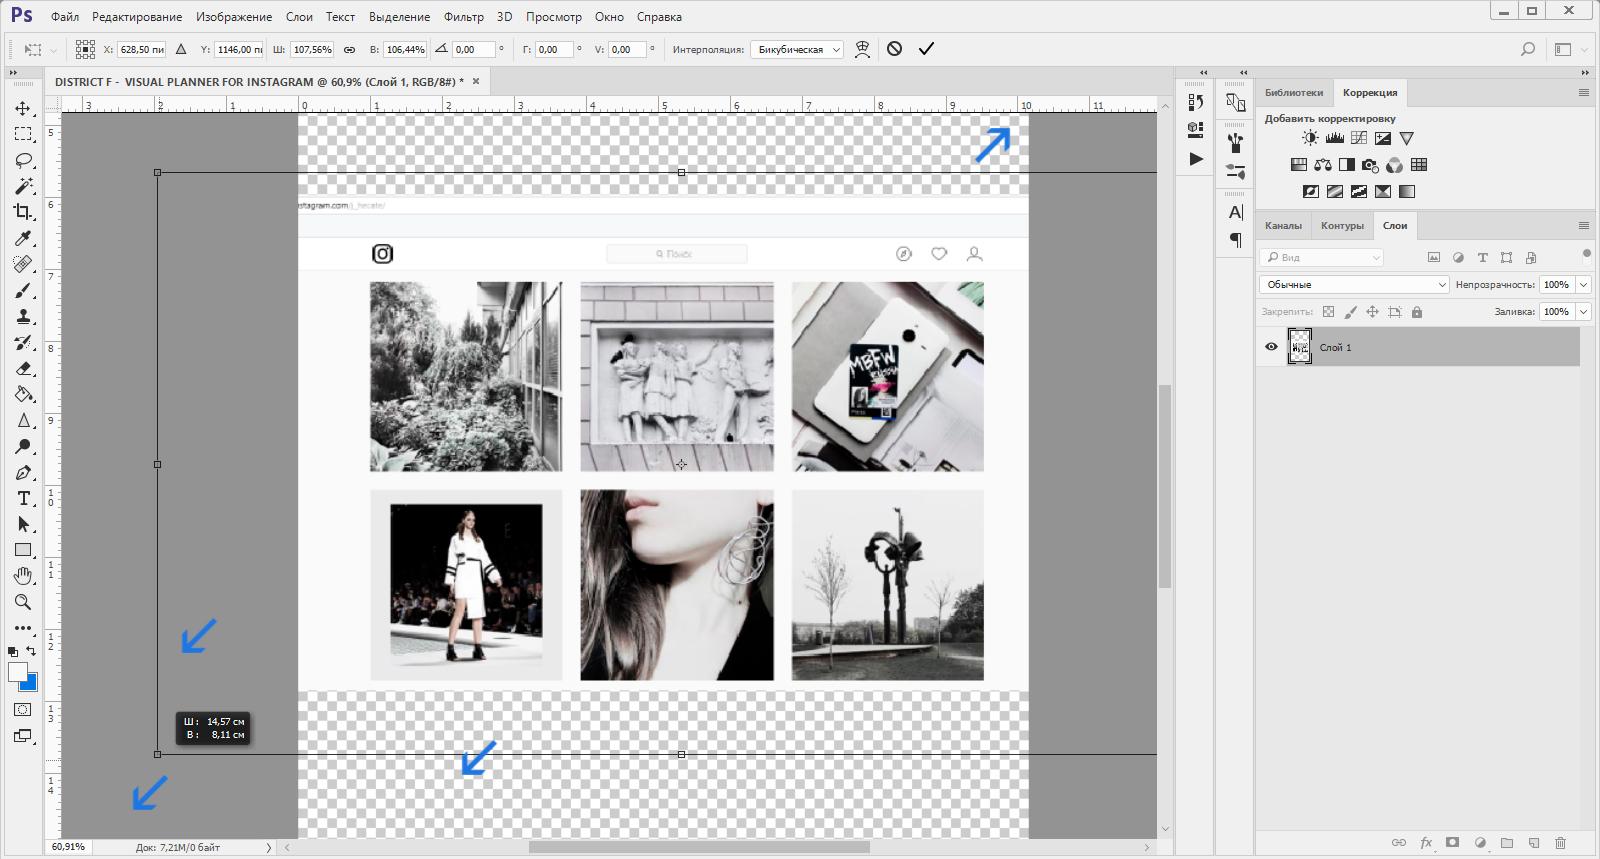 Как сделать визуальную сетку публикаций для Instagram чыц2